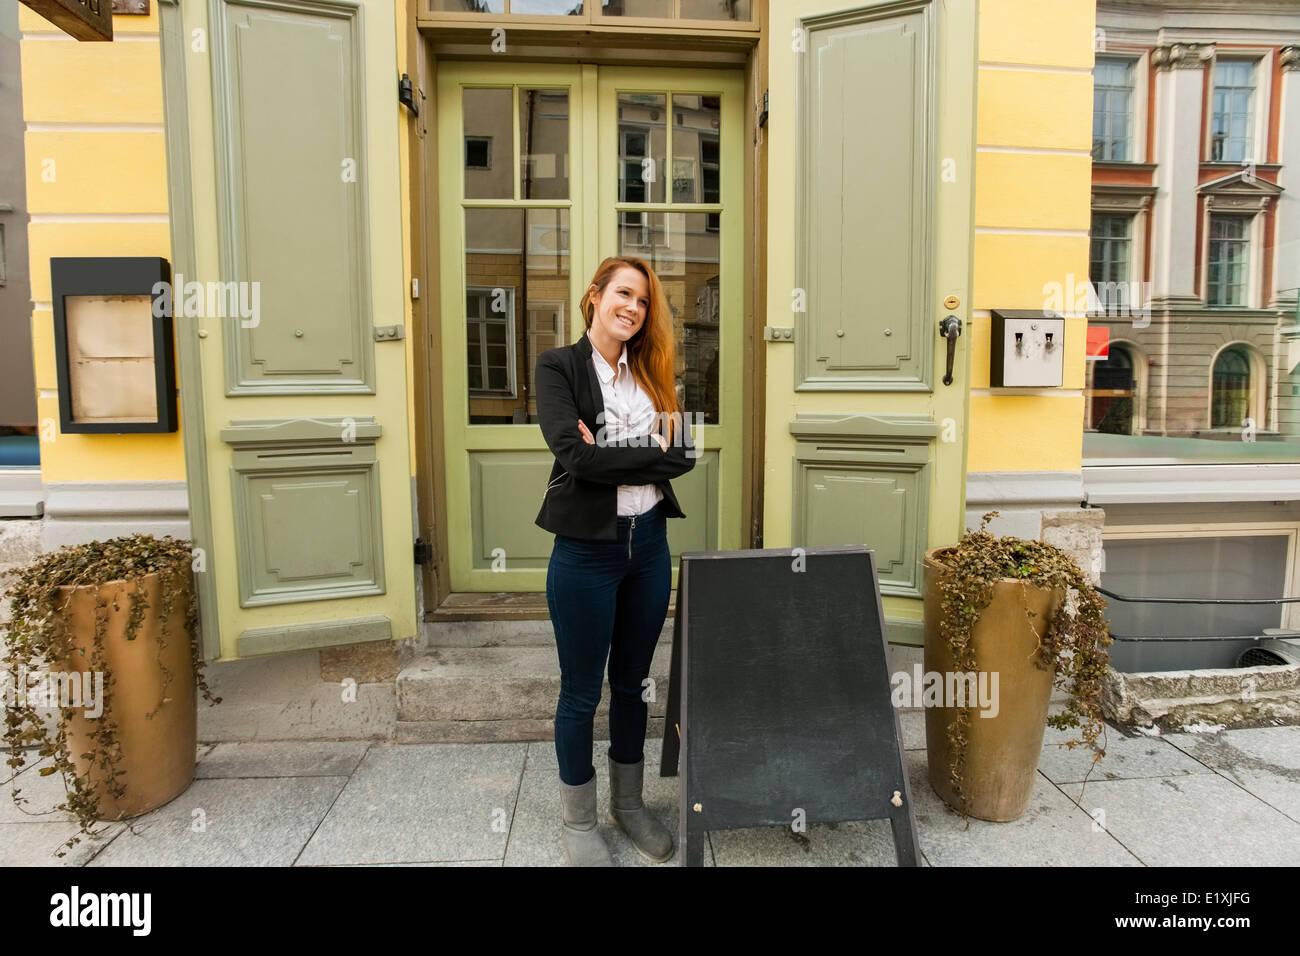 La longitud completa de la hembra de pie fuera propietario de restaurante Imagen De Stock